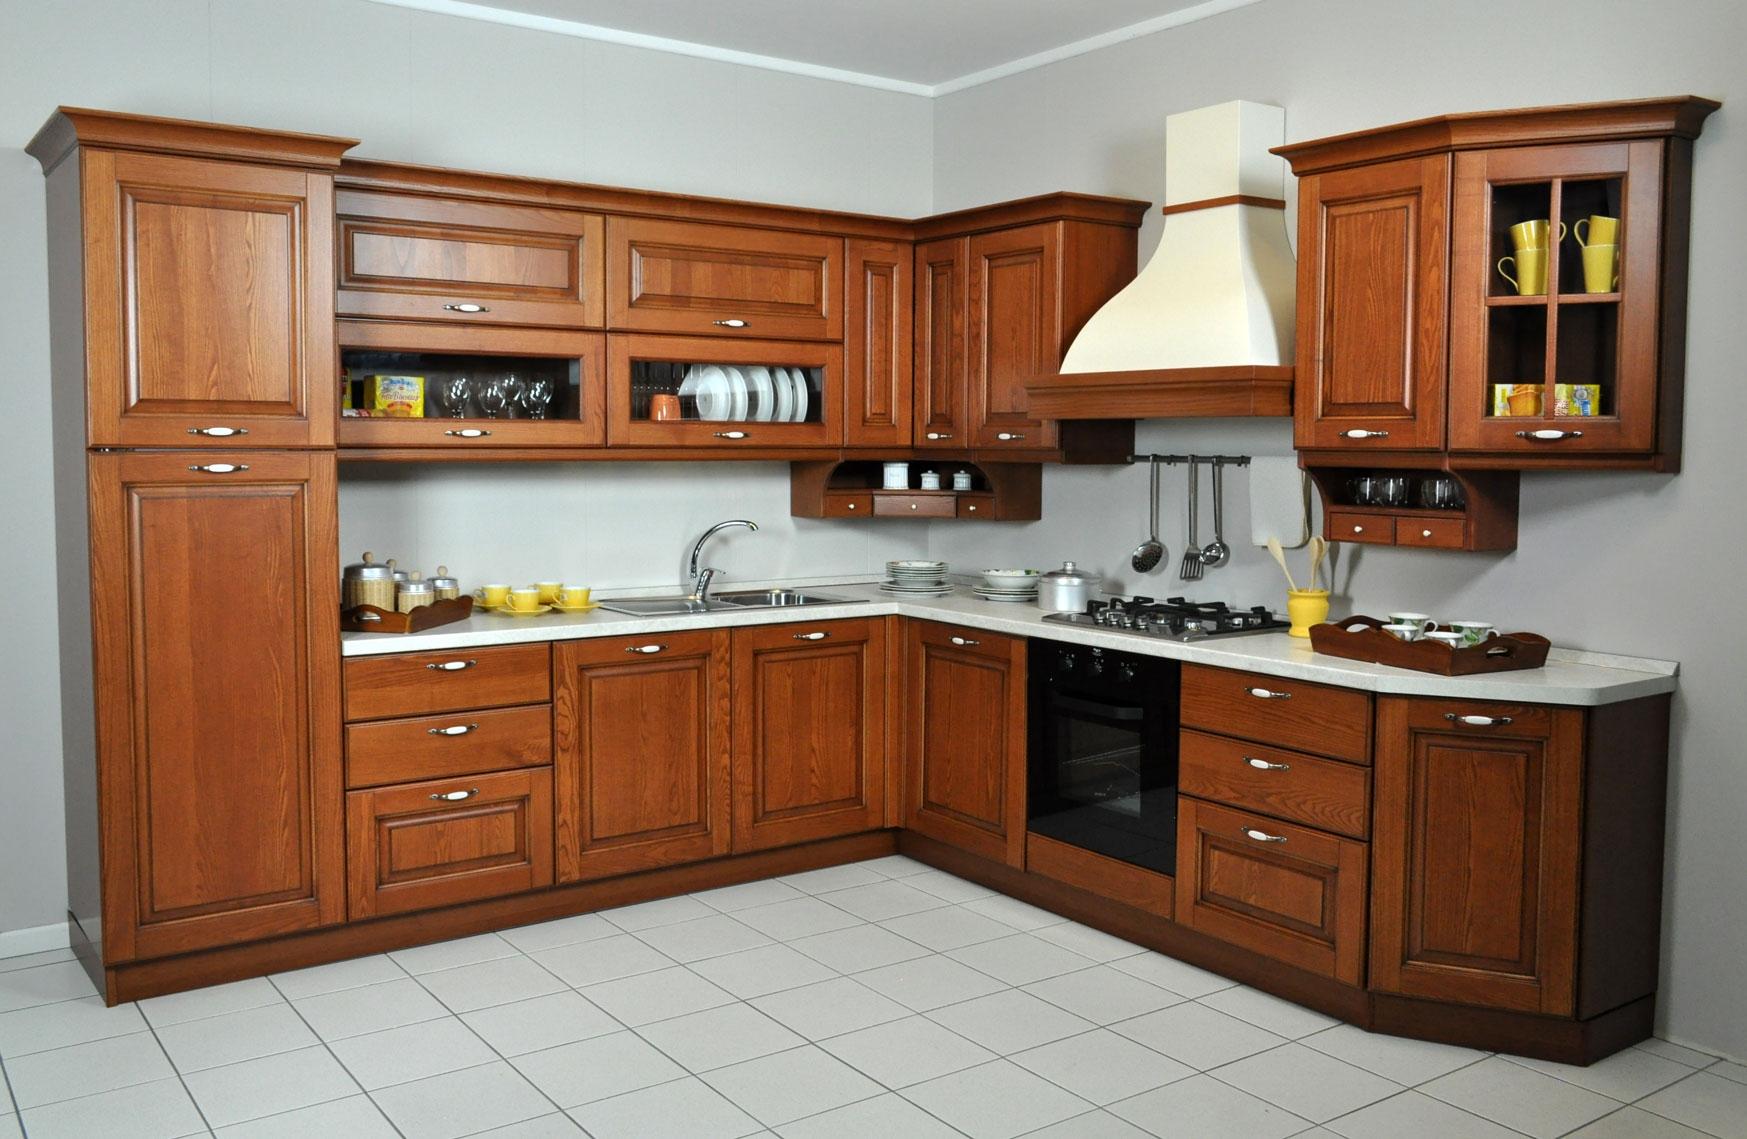 Cucina angolare veneta cucine con elettrodomestici scontata a prezzo offerta cucine a prezzi for Cucine classiche in offerta